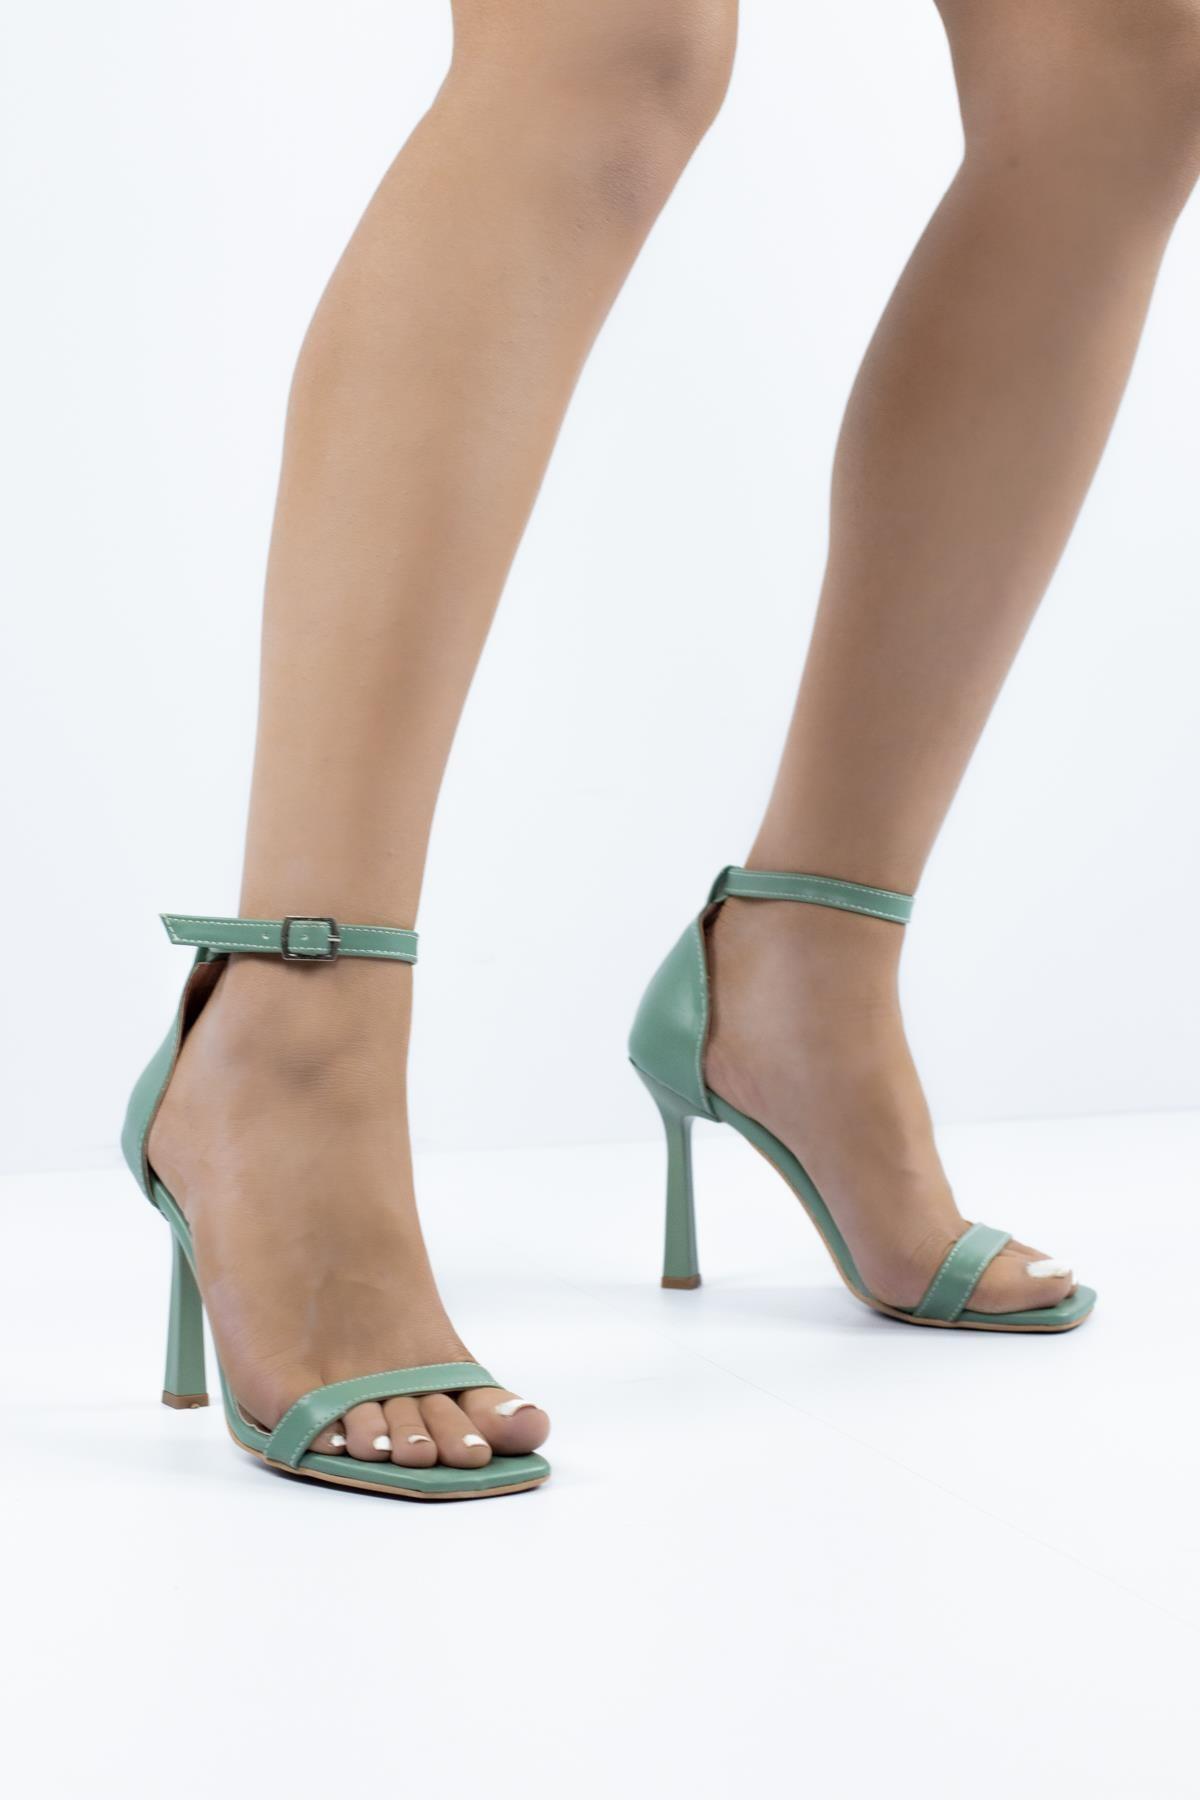 Sofita Bantlı Kadın Topuklu Ayakkabı